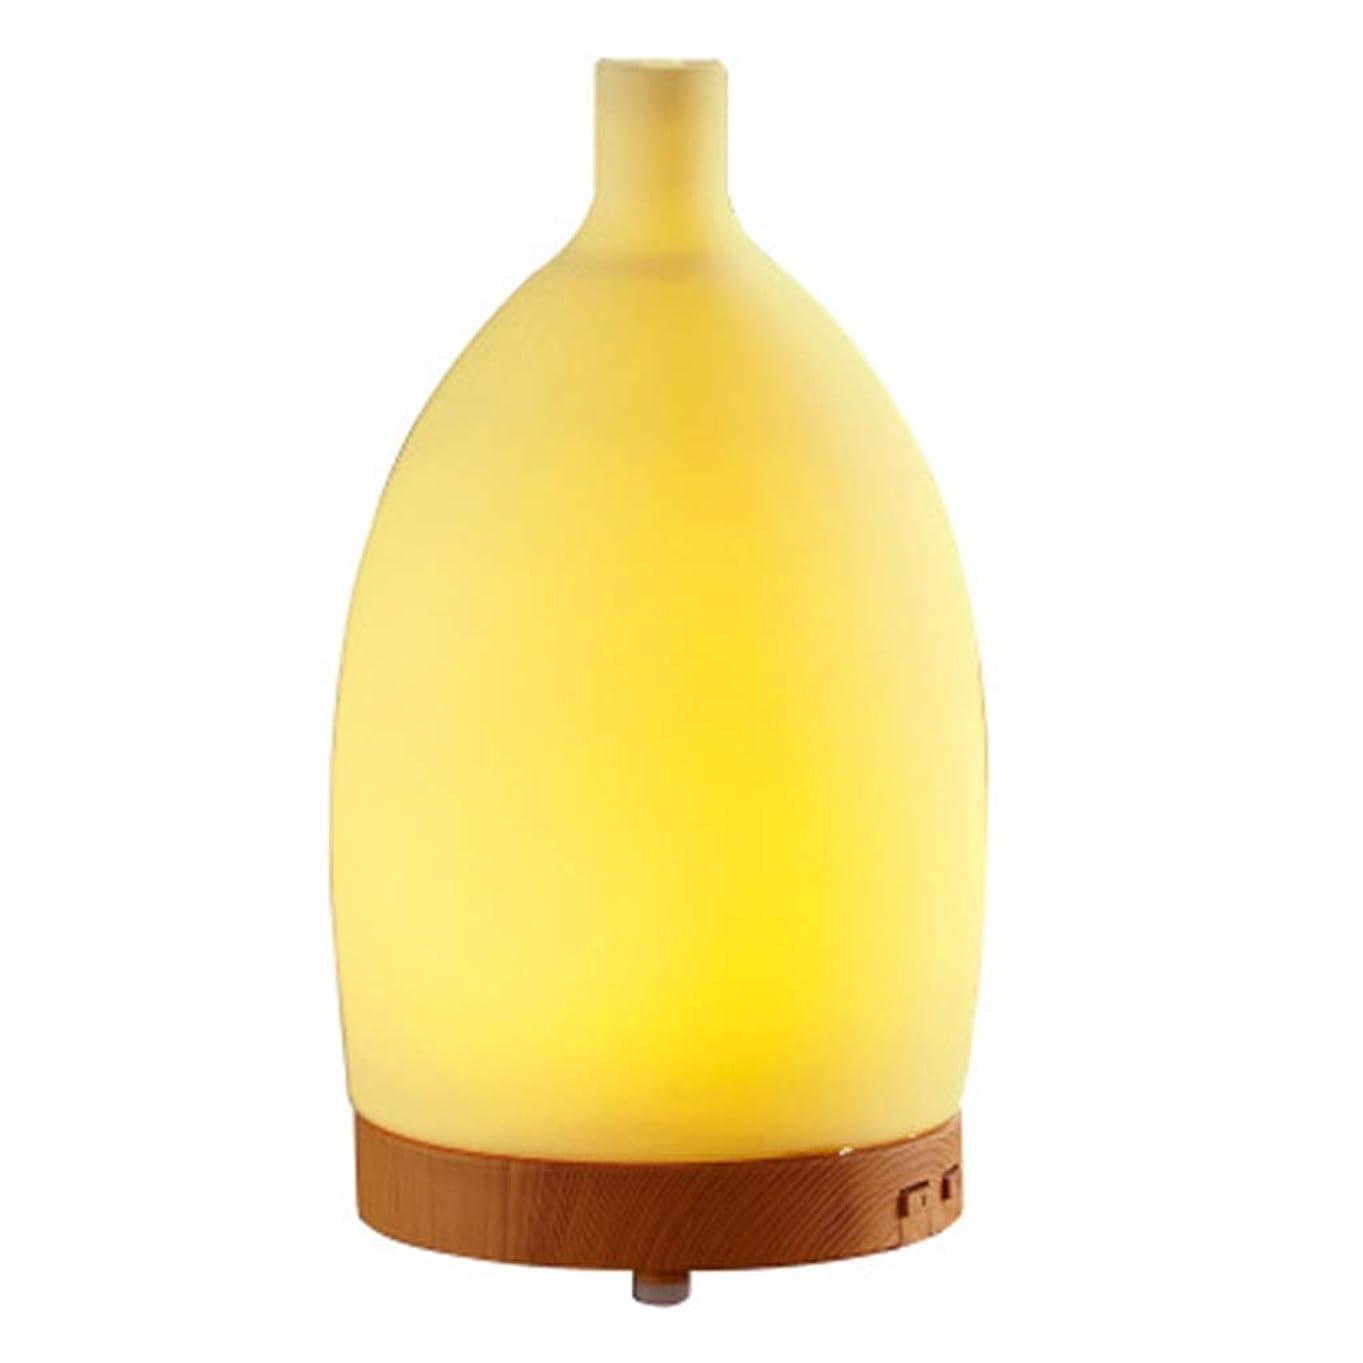 グッゲンハイム美術館保証ジョージエリオット7つの可変性の色LEDライトが付いている100mlシリコーンの花瓶の加湿器のための精油の拡散器は水の自動オフ浄化の空気を浄化します (Color : Colorful)